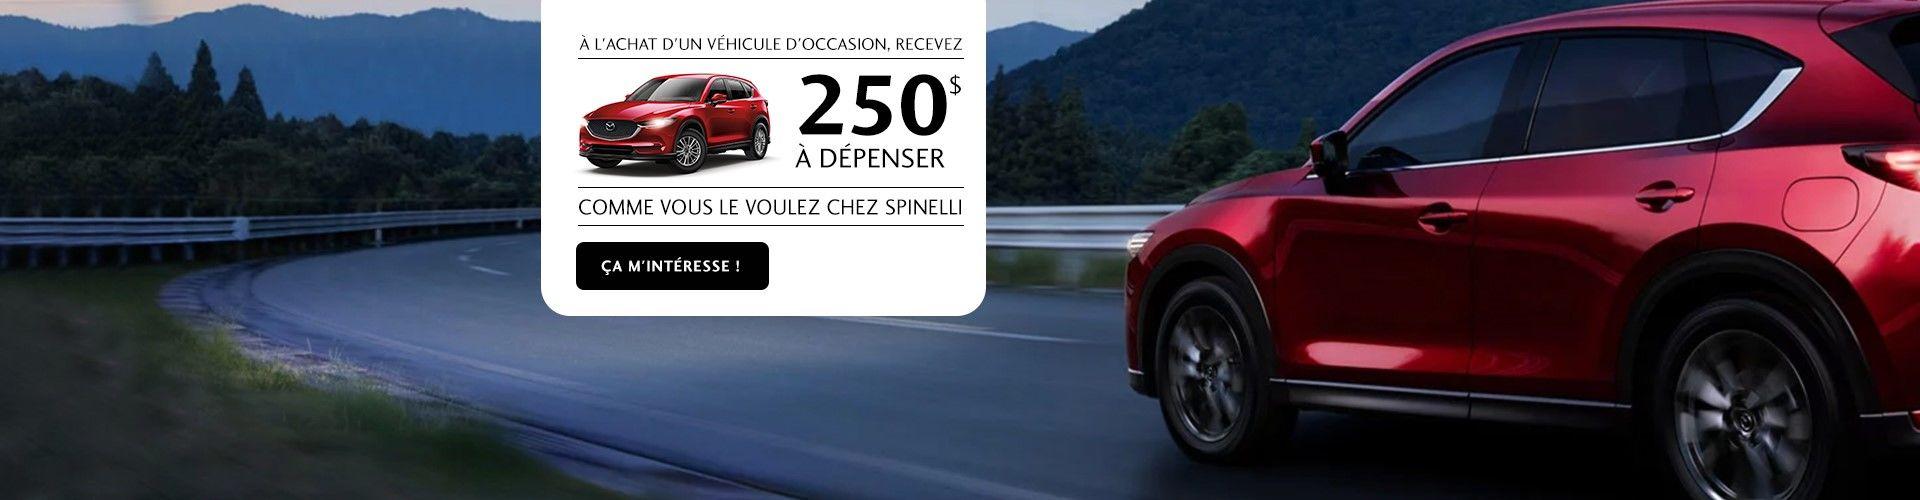 Mazda occasion 250$